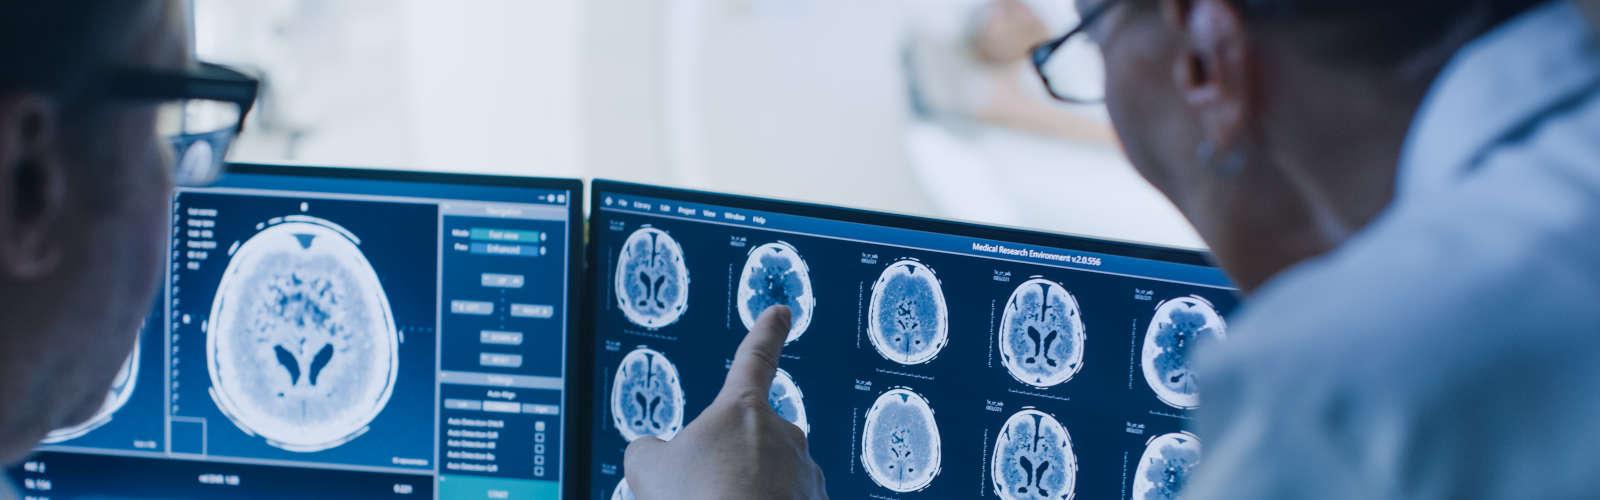 Dwóch lekarzy przeglądających na ekranie komputera wyniki badania tomografii komputerowej mózgu